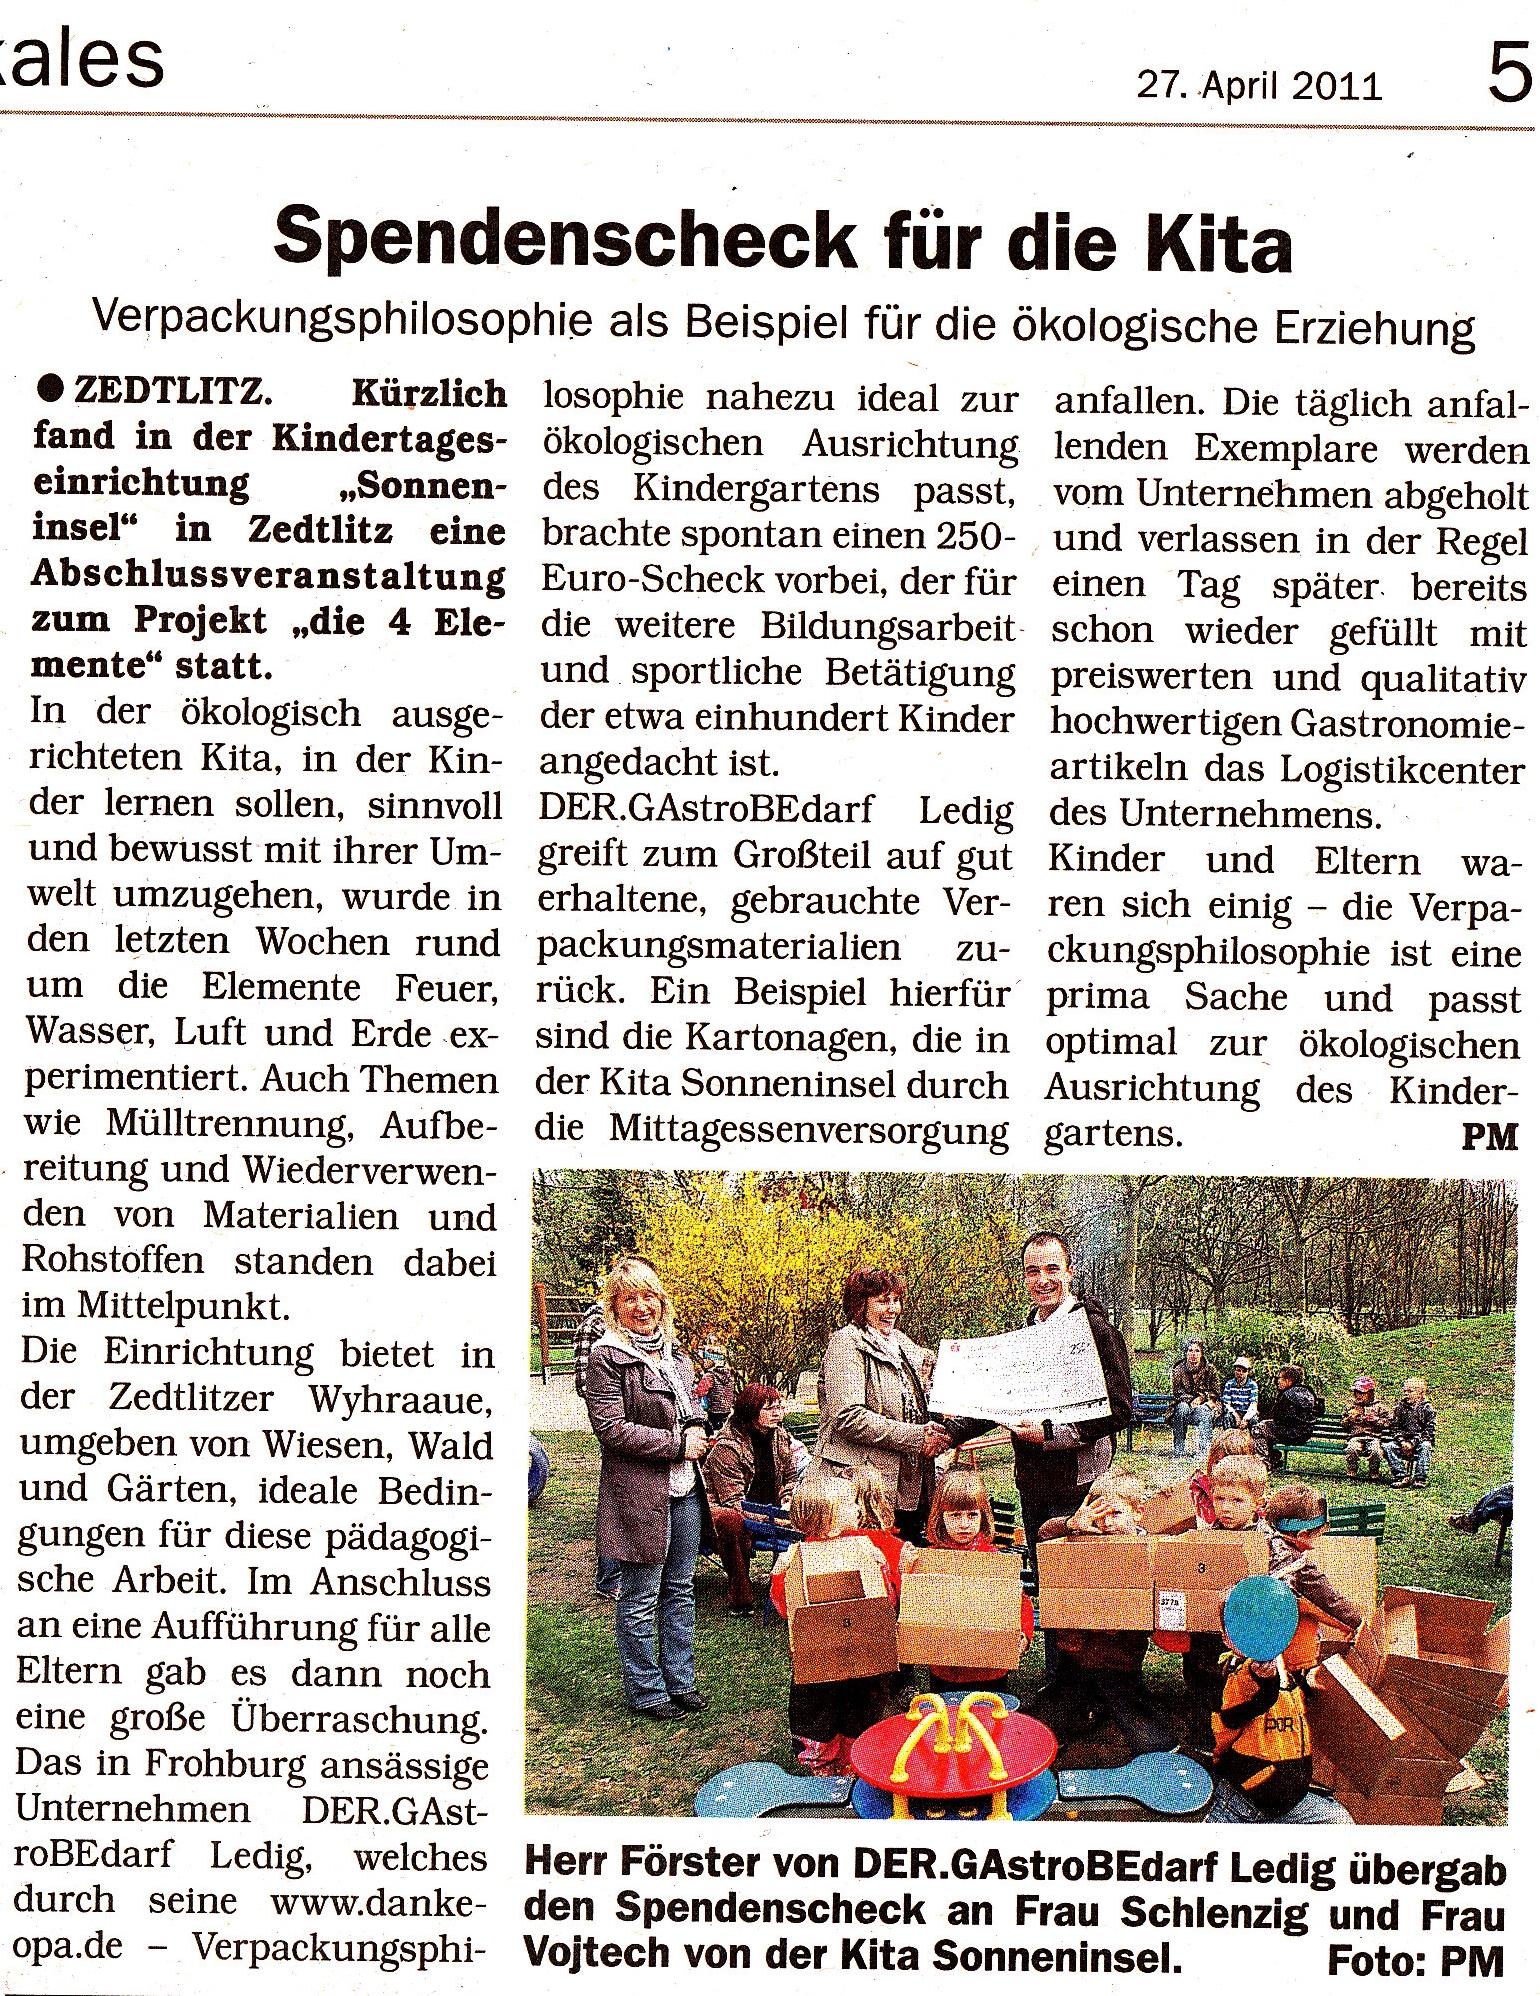 Ausschnitt aus Rundschau BNA/GTH vom 27.04.2011